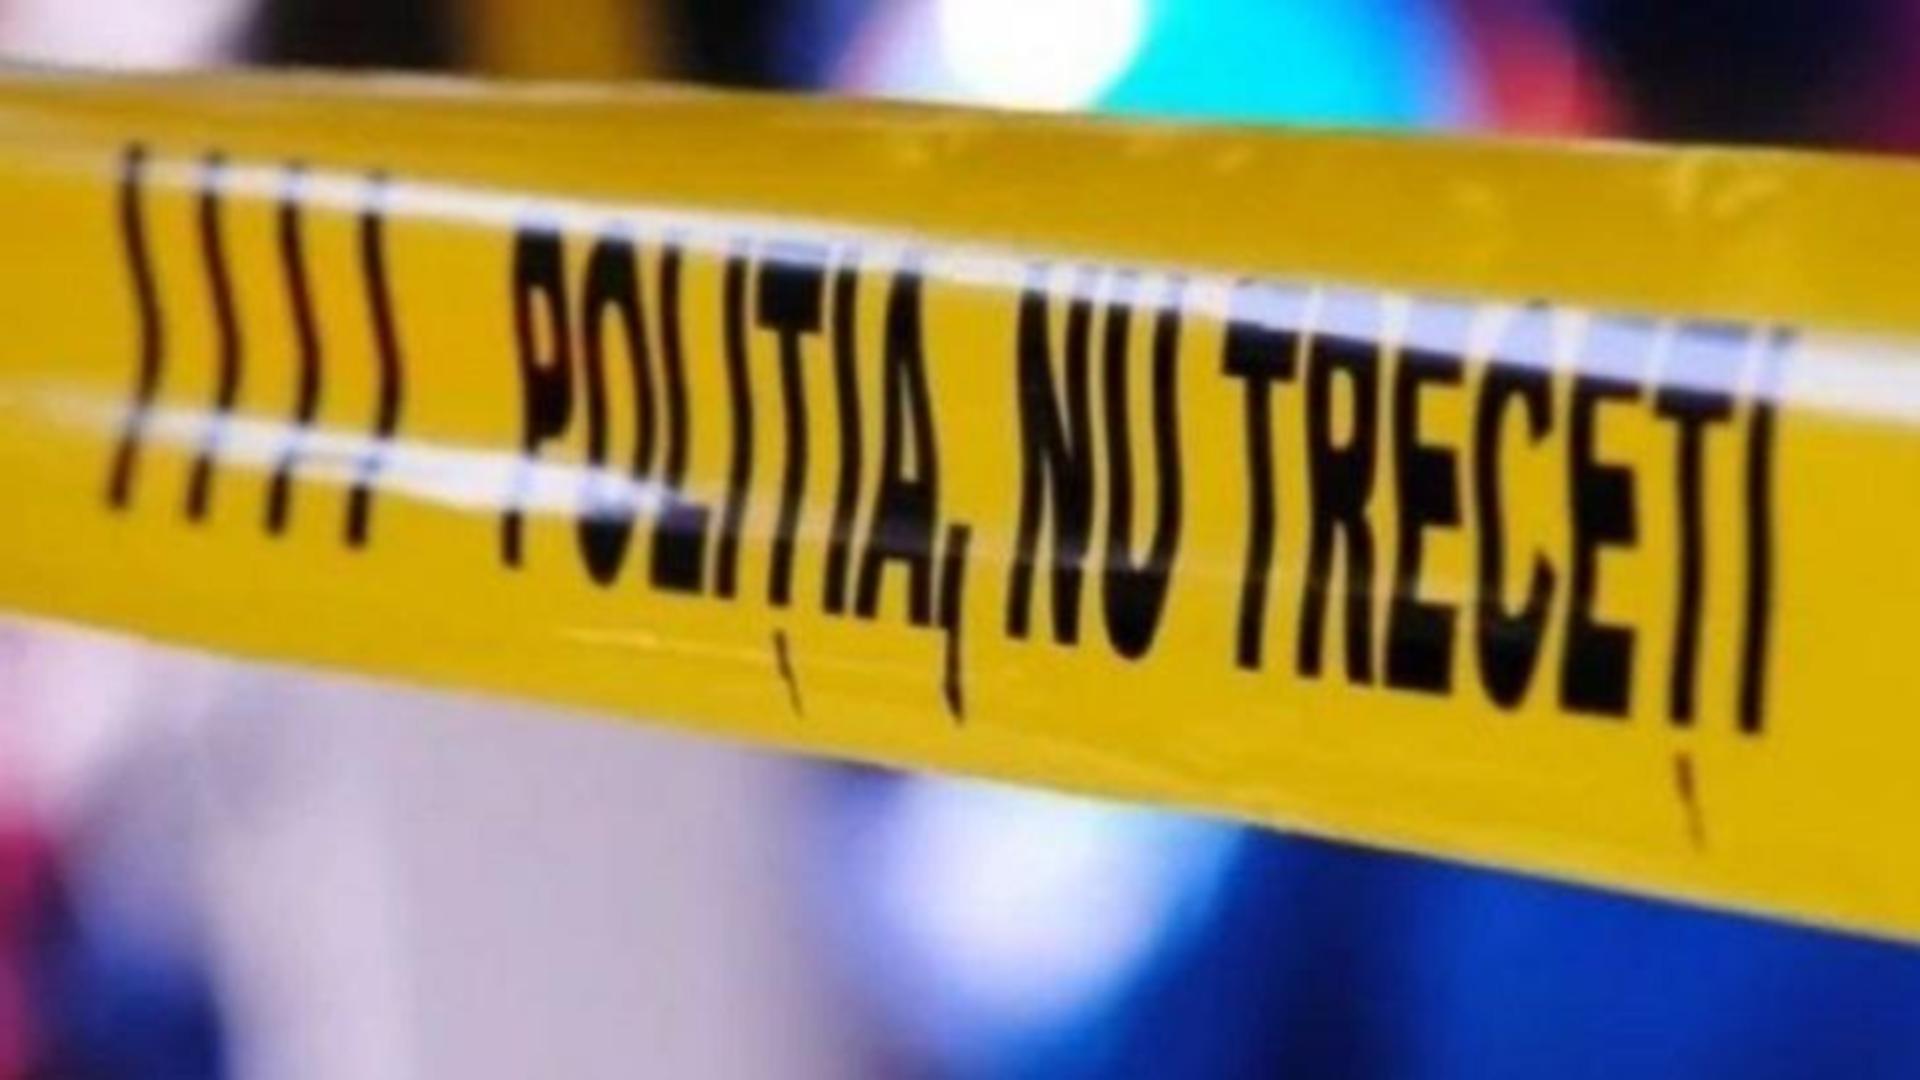 Două adolescente s-au aruncat împreună de la etajul 13 al unui bloc